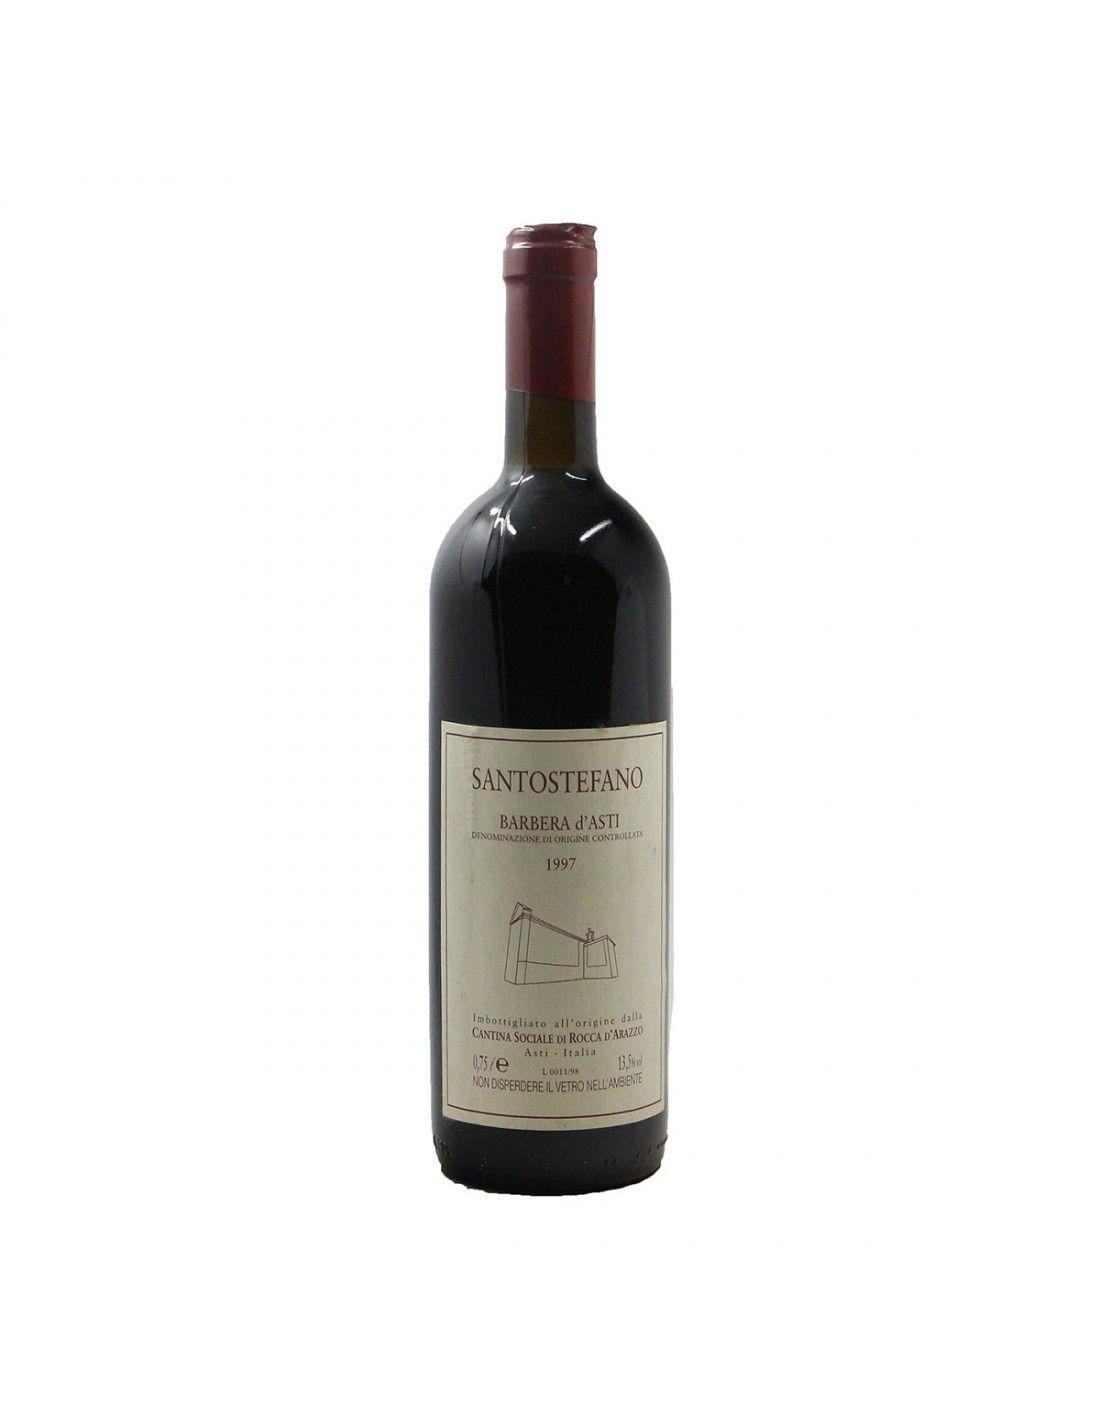 BARBERA D'ASTI 1997 CANTINA SOCIALE DI ROCCA D'ARAZZO Grandi Bottiglie